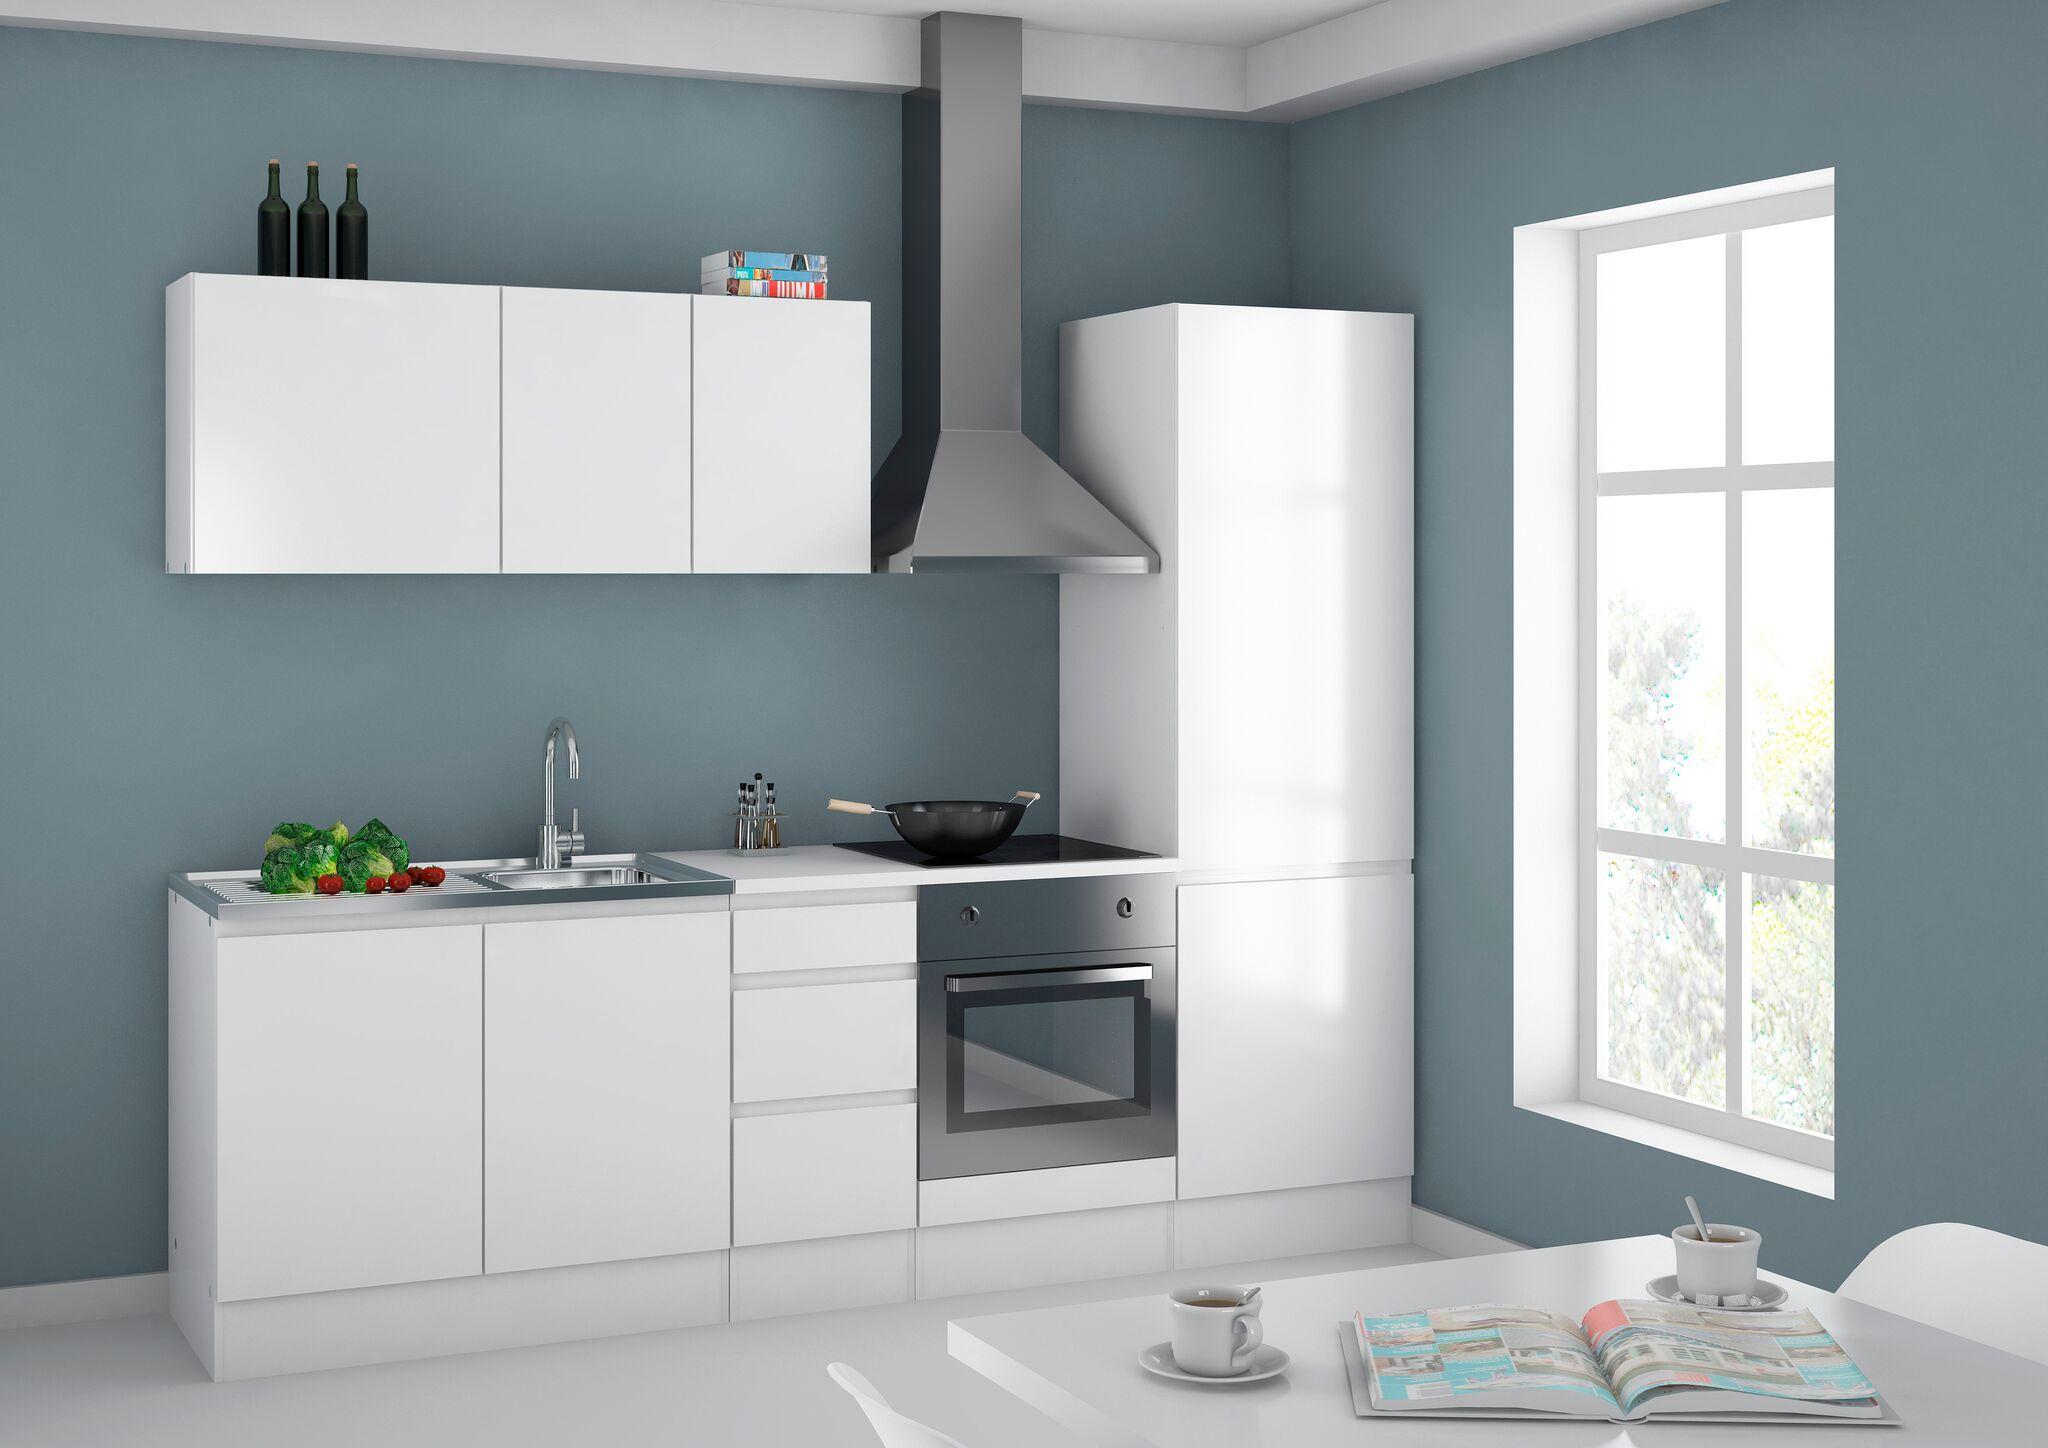 Küchen Hochschrank weiß Küchenschrank Küche Möbel Badezimmer Bad ...